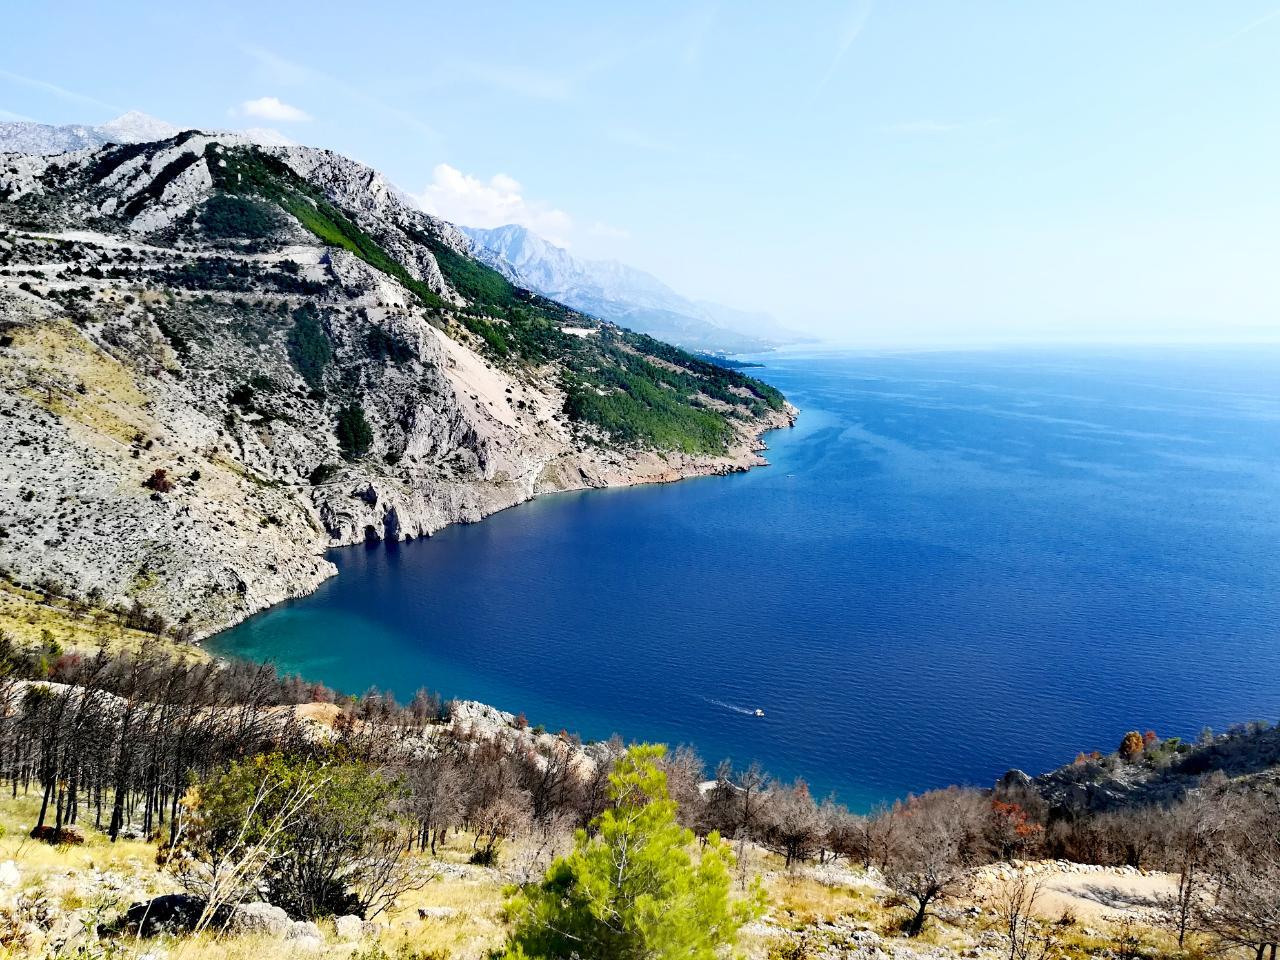 Blick aufs Meer in Kroatien